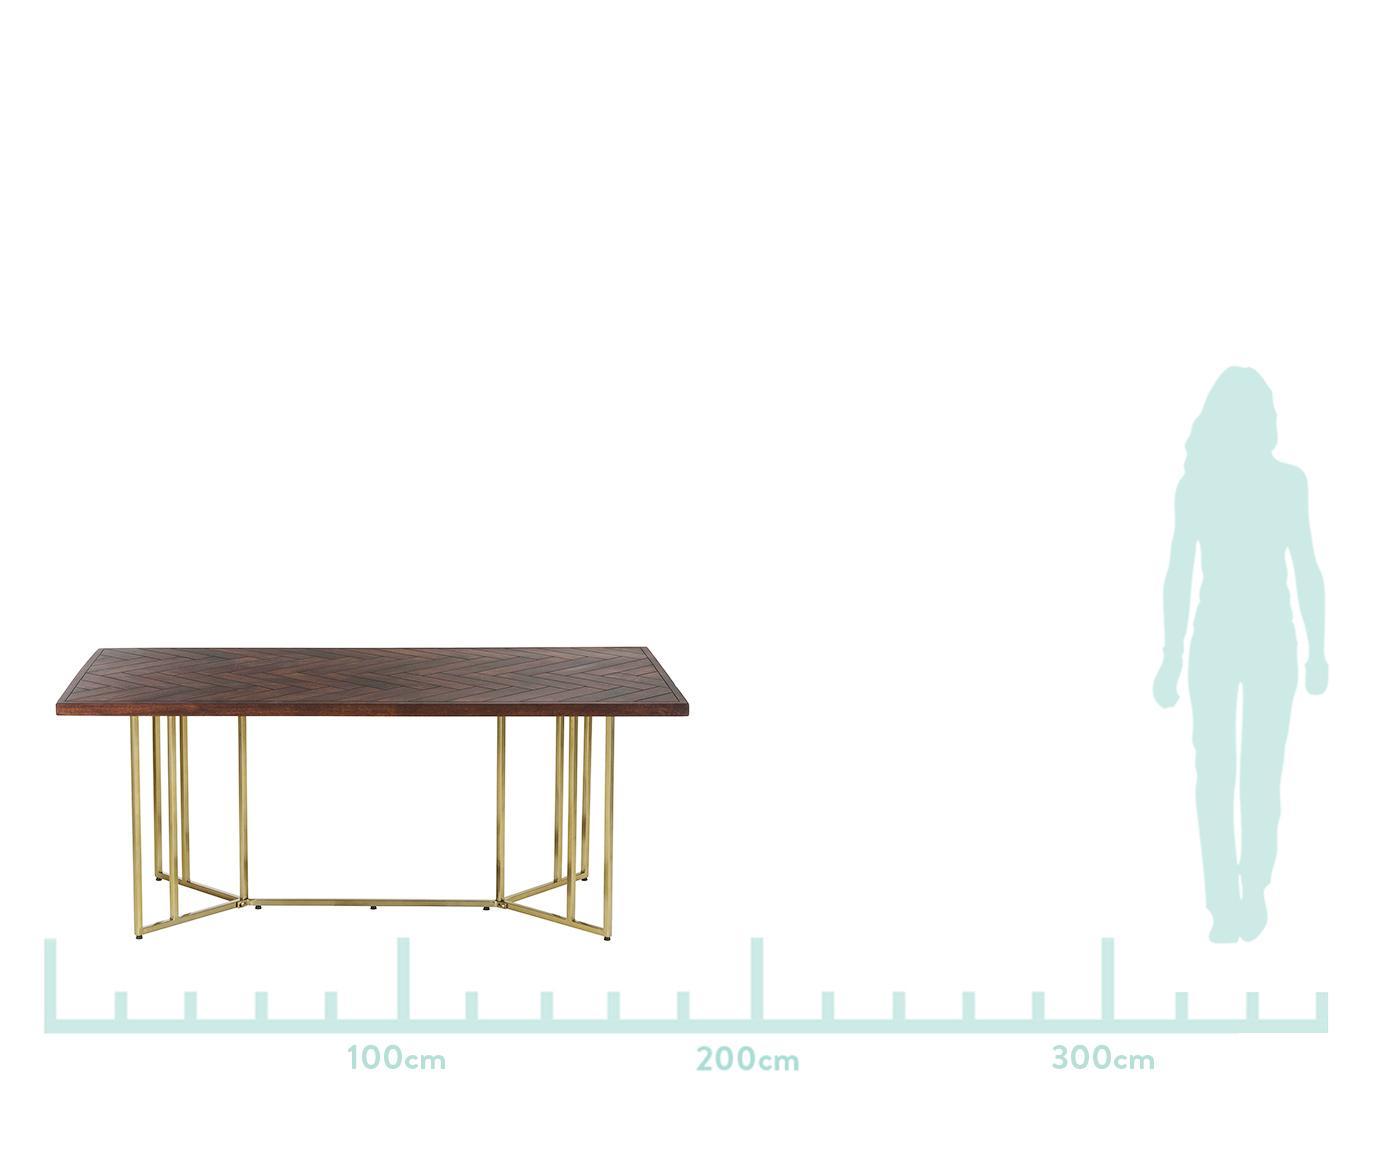 Mesa de comedor Luca, tablero de madera maciza, Tablero: madera de mango maciza, p, Estructura: metal recubierto, Tablero: madera de mango, lacado oscuro Estructura: dorado, An 220 x F 100 cm